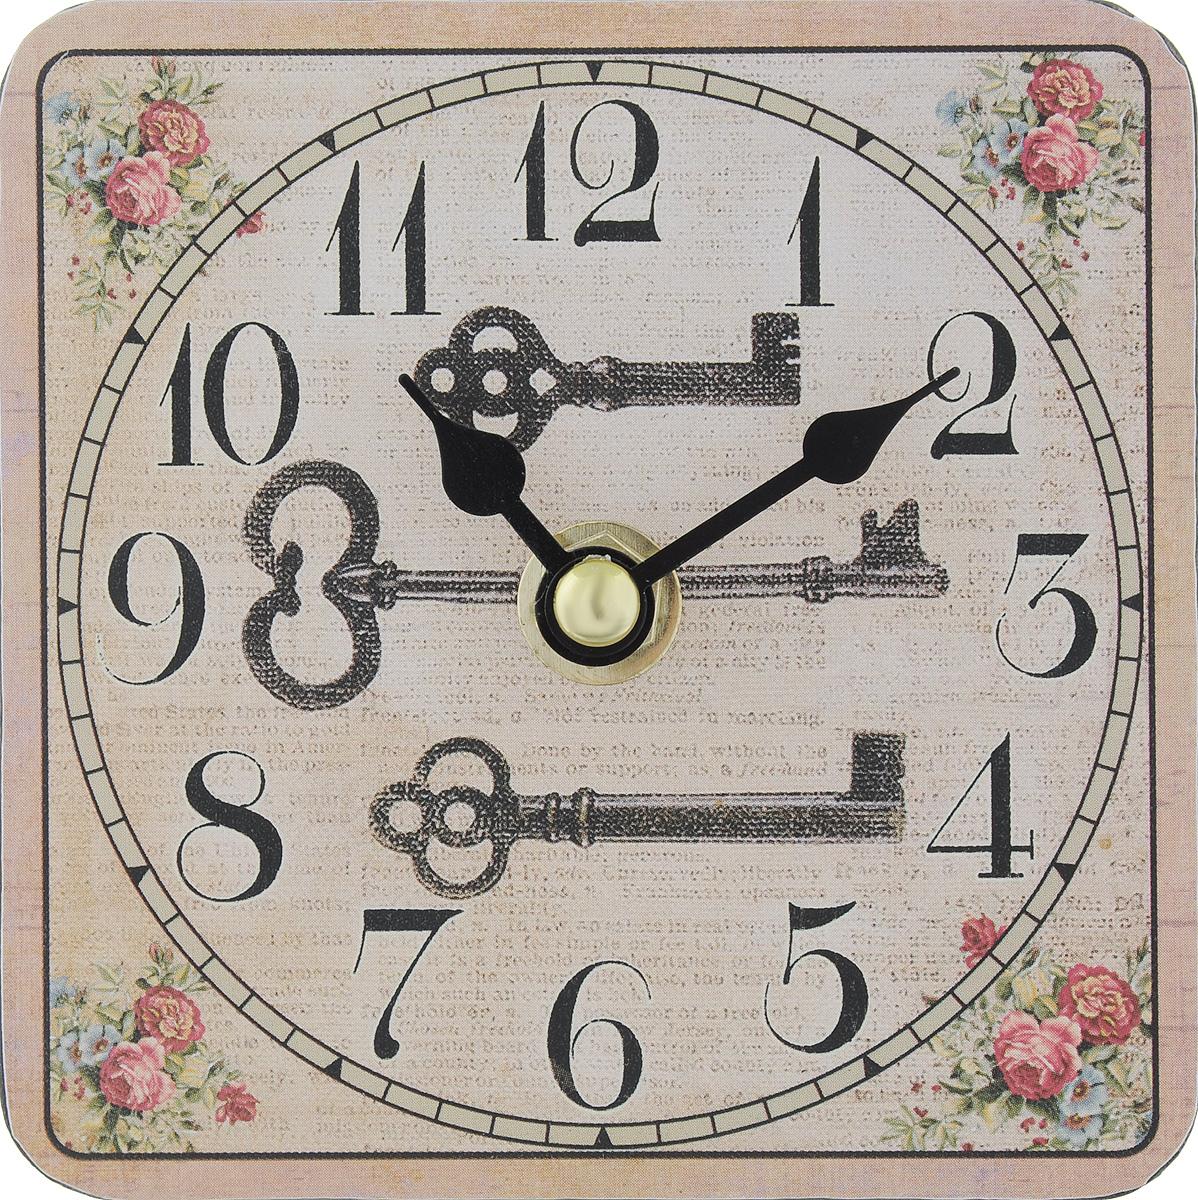 Часы настольные Феникс-Презент Волшебный ключик, 10 х 10 см40730Настольные часы квадратной формы Феникс-ПрезентВолшебный ключик своим эксклюзивным дизайном подчеркнуторигинальность интерьера вашего дома.Циферблат оформлен изображением цветов и тремя ключами. Часы выполнены из МДФ. МДФ (мелкодисперсные фракции)представляет собой плиту из запрессованной вакуумнымспособом деревянной пыли и является наиболее экологическичистым материалом среди себе подобных.Изделие имеет две стрелки - часовую и минутную. Настольные часы Феникс-Презент Волшебный ключик подходятдля кухни, гостиной, прихожей или дачи, а также могут статьотличным подарком для друзей и близких. ВНИМАНИЕ!!! Часы работают от сменной батареи типа АА 1,5V(в комплект не входит).